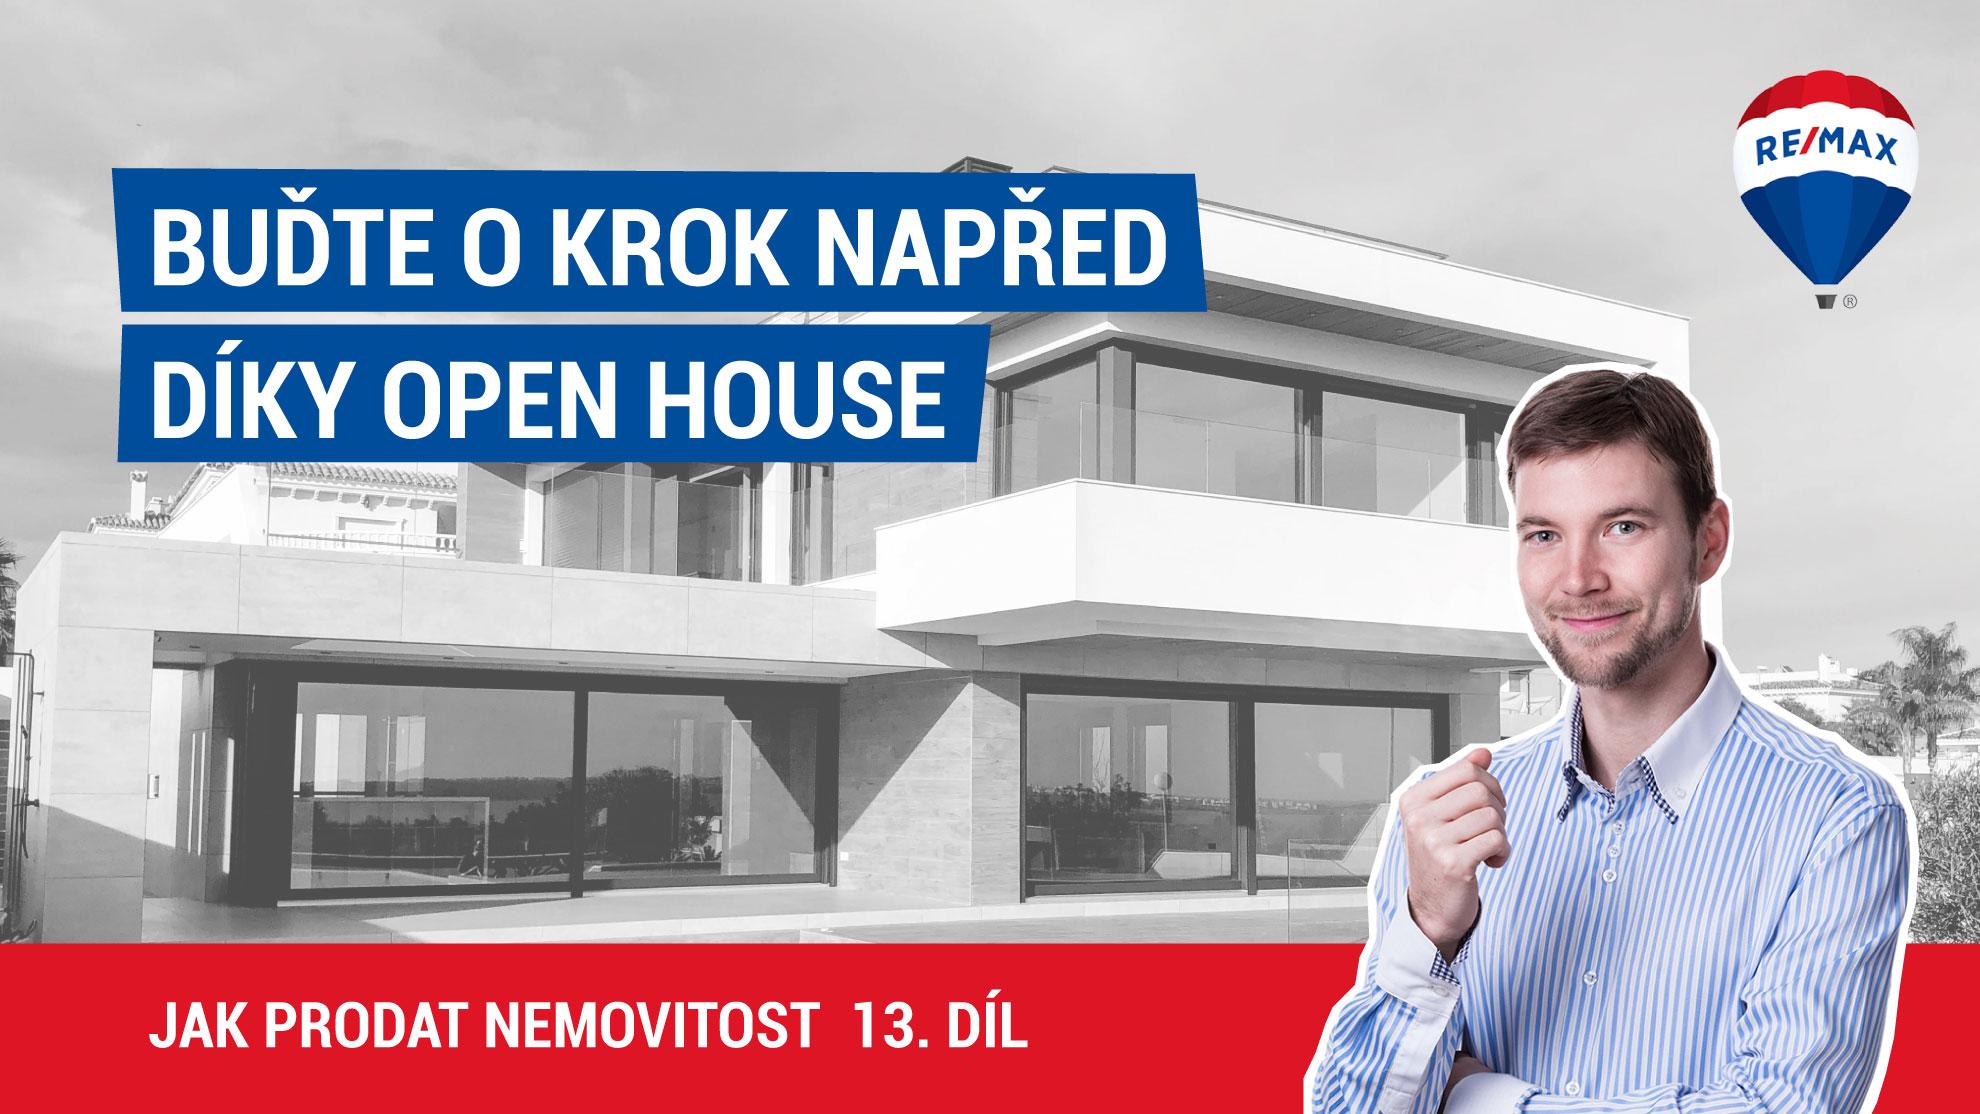 Jak prodat nemovitost 13. díl - Buďte o krok napřed díky Open House